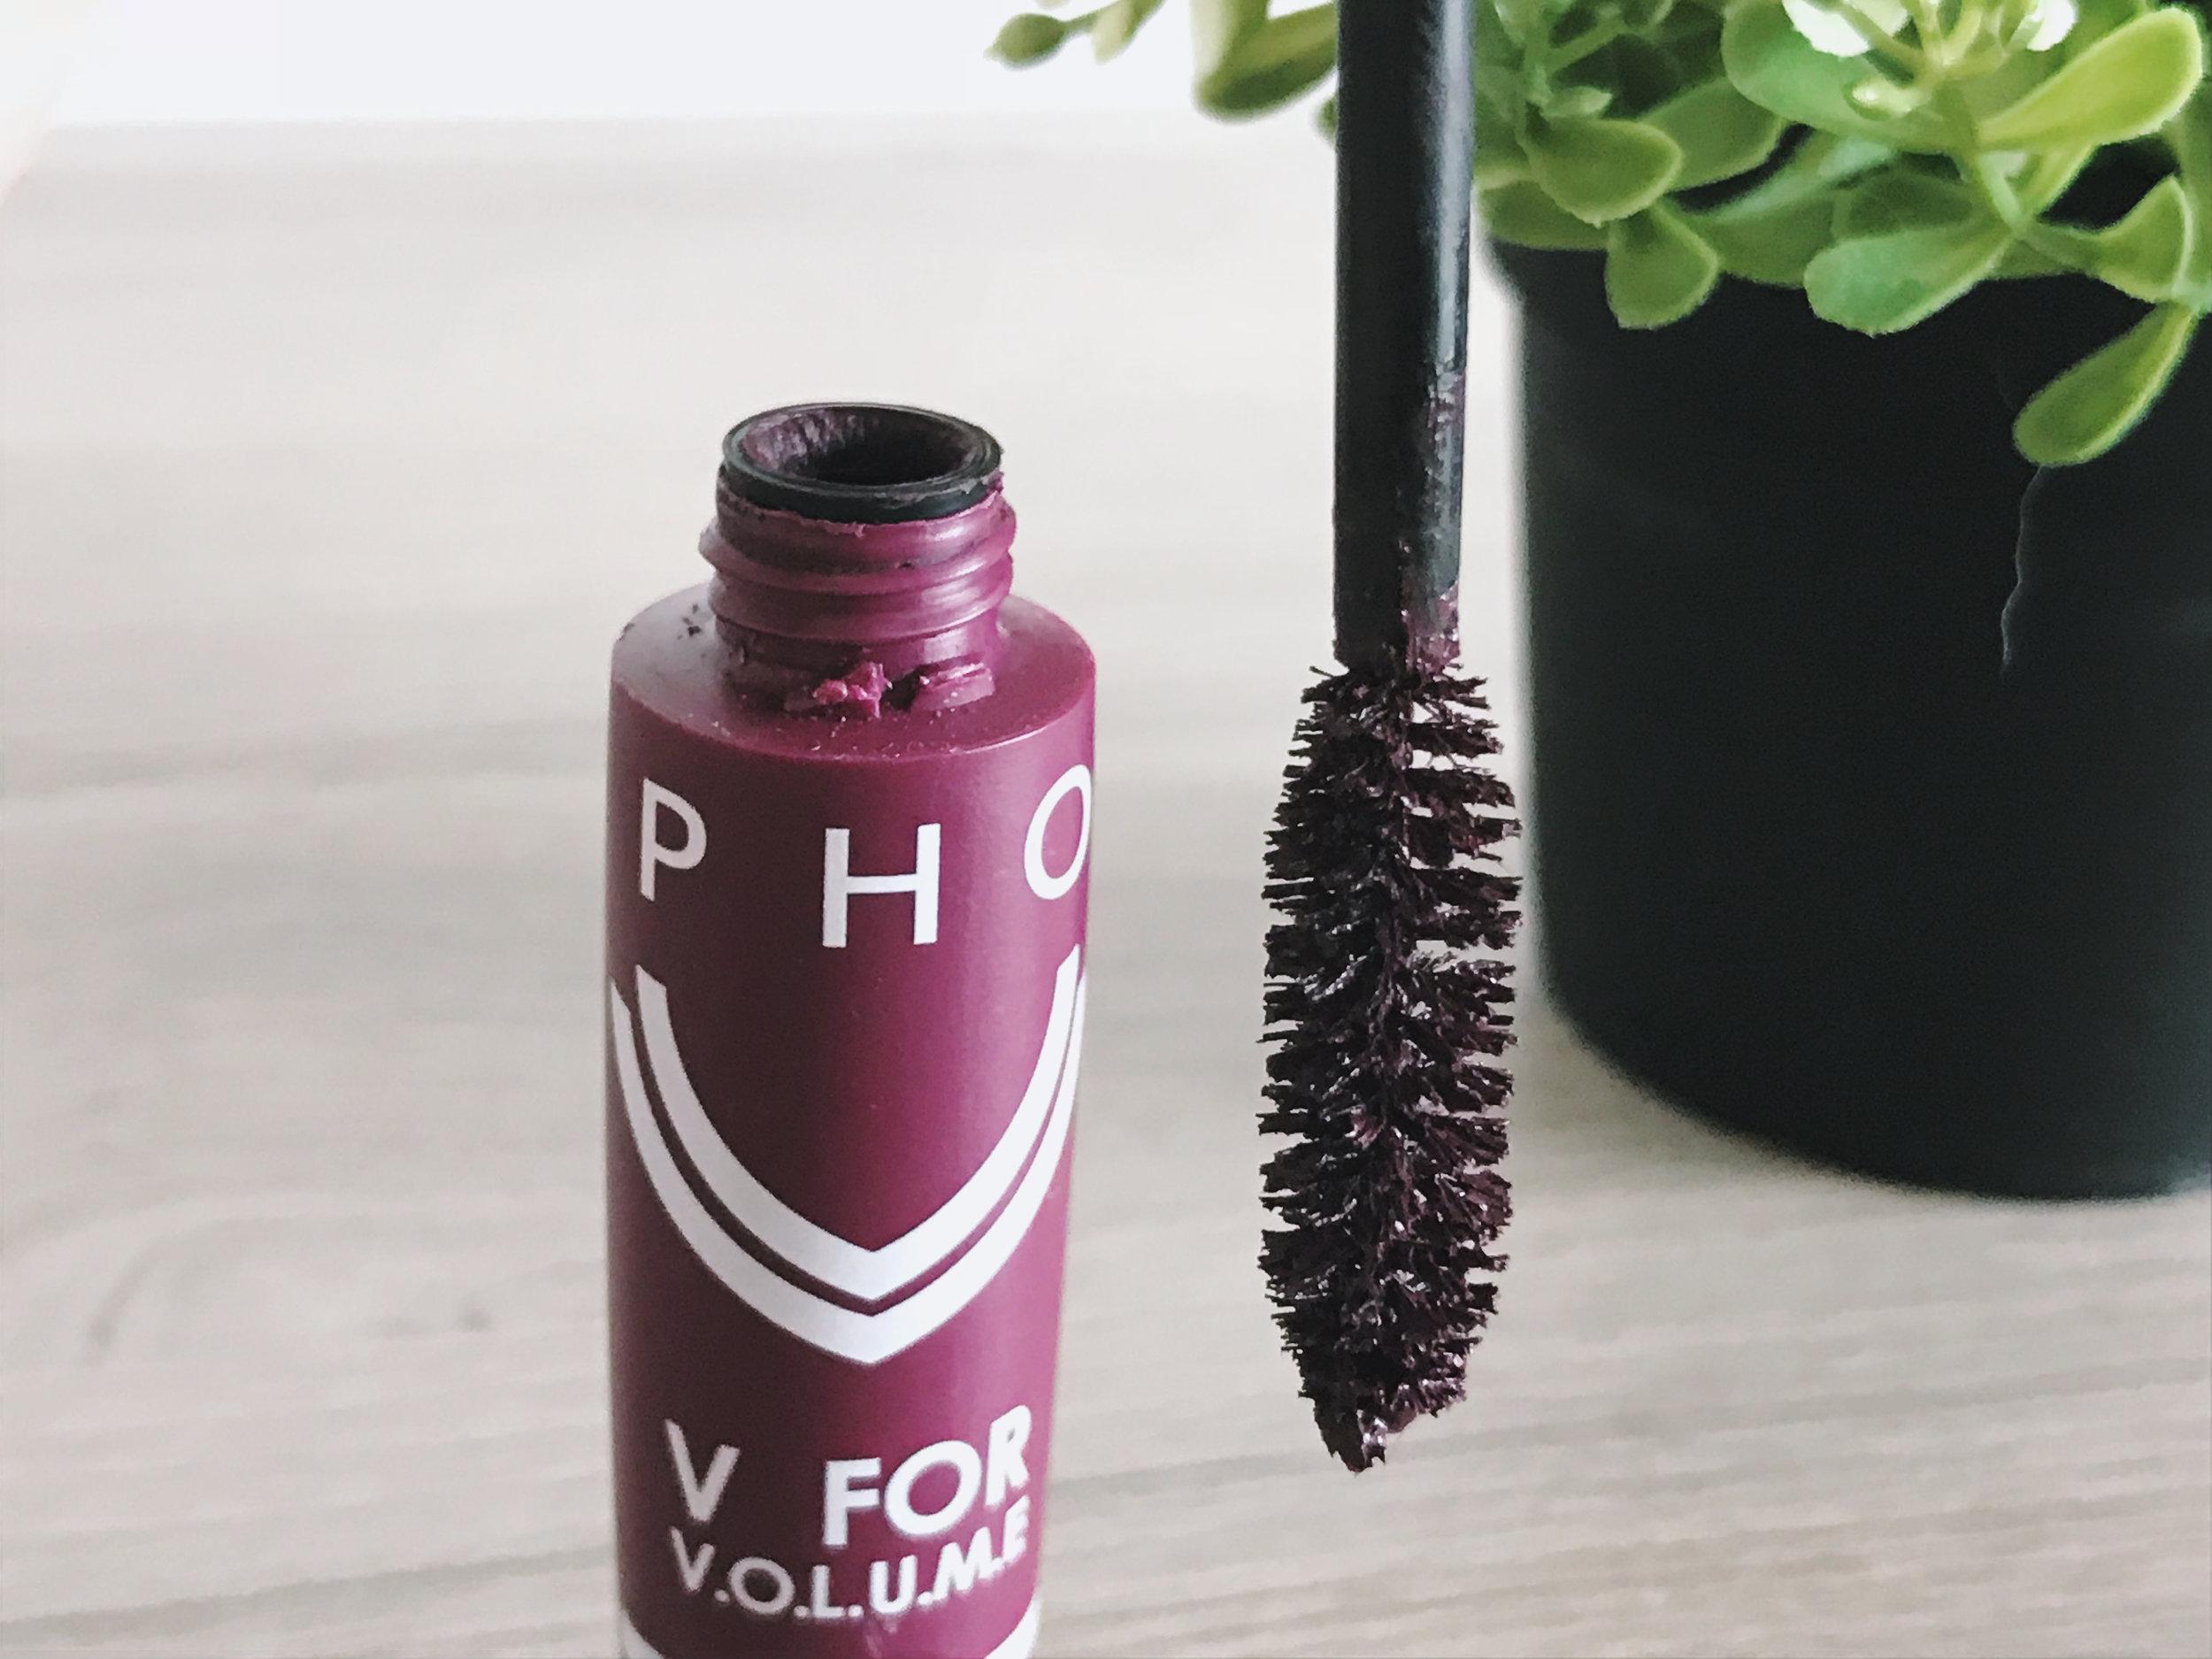 V for Volume Sephora Mascara